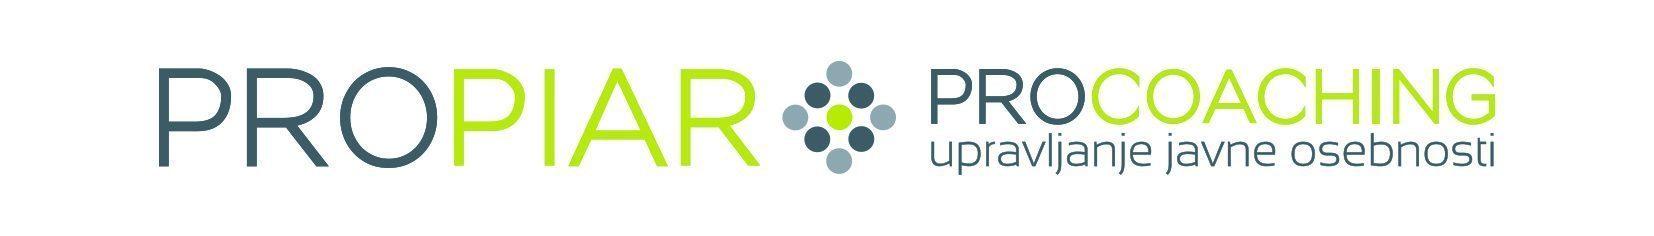 propiar_logo-1-2-e1561640868175